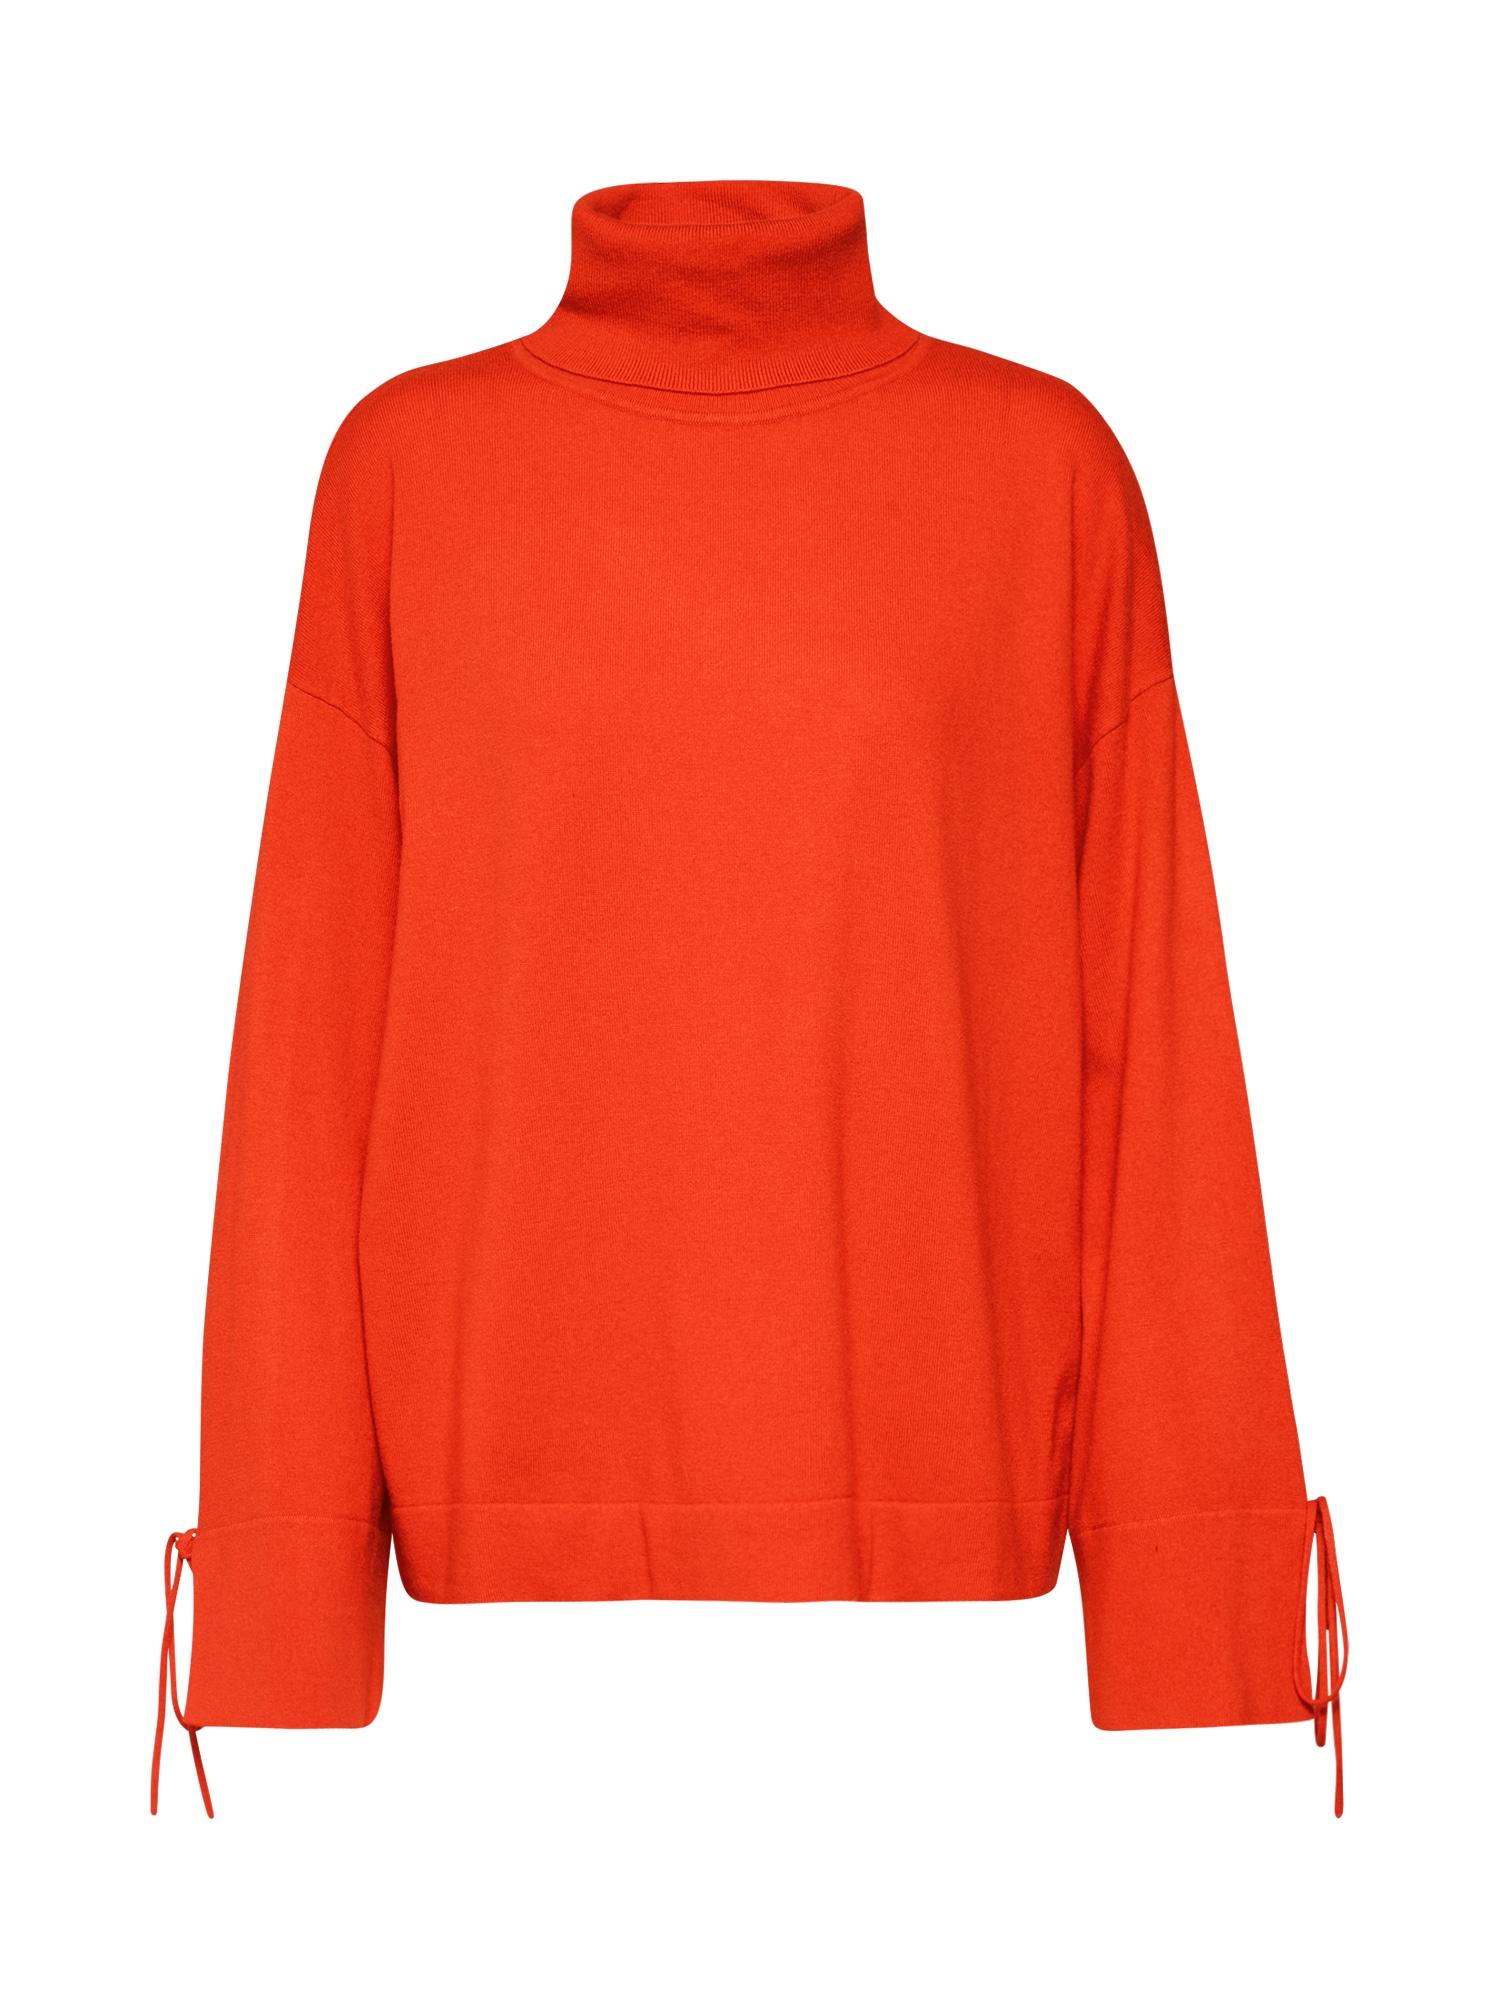 BOSS Megztinis 'Iwanna' oranžinė-raudona